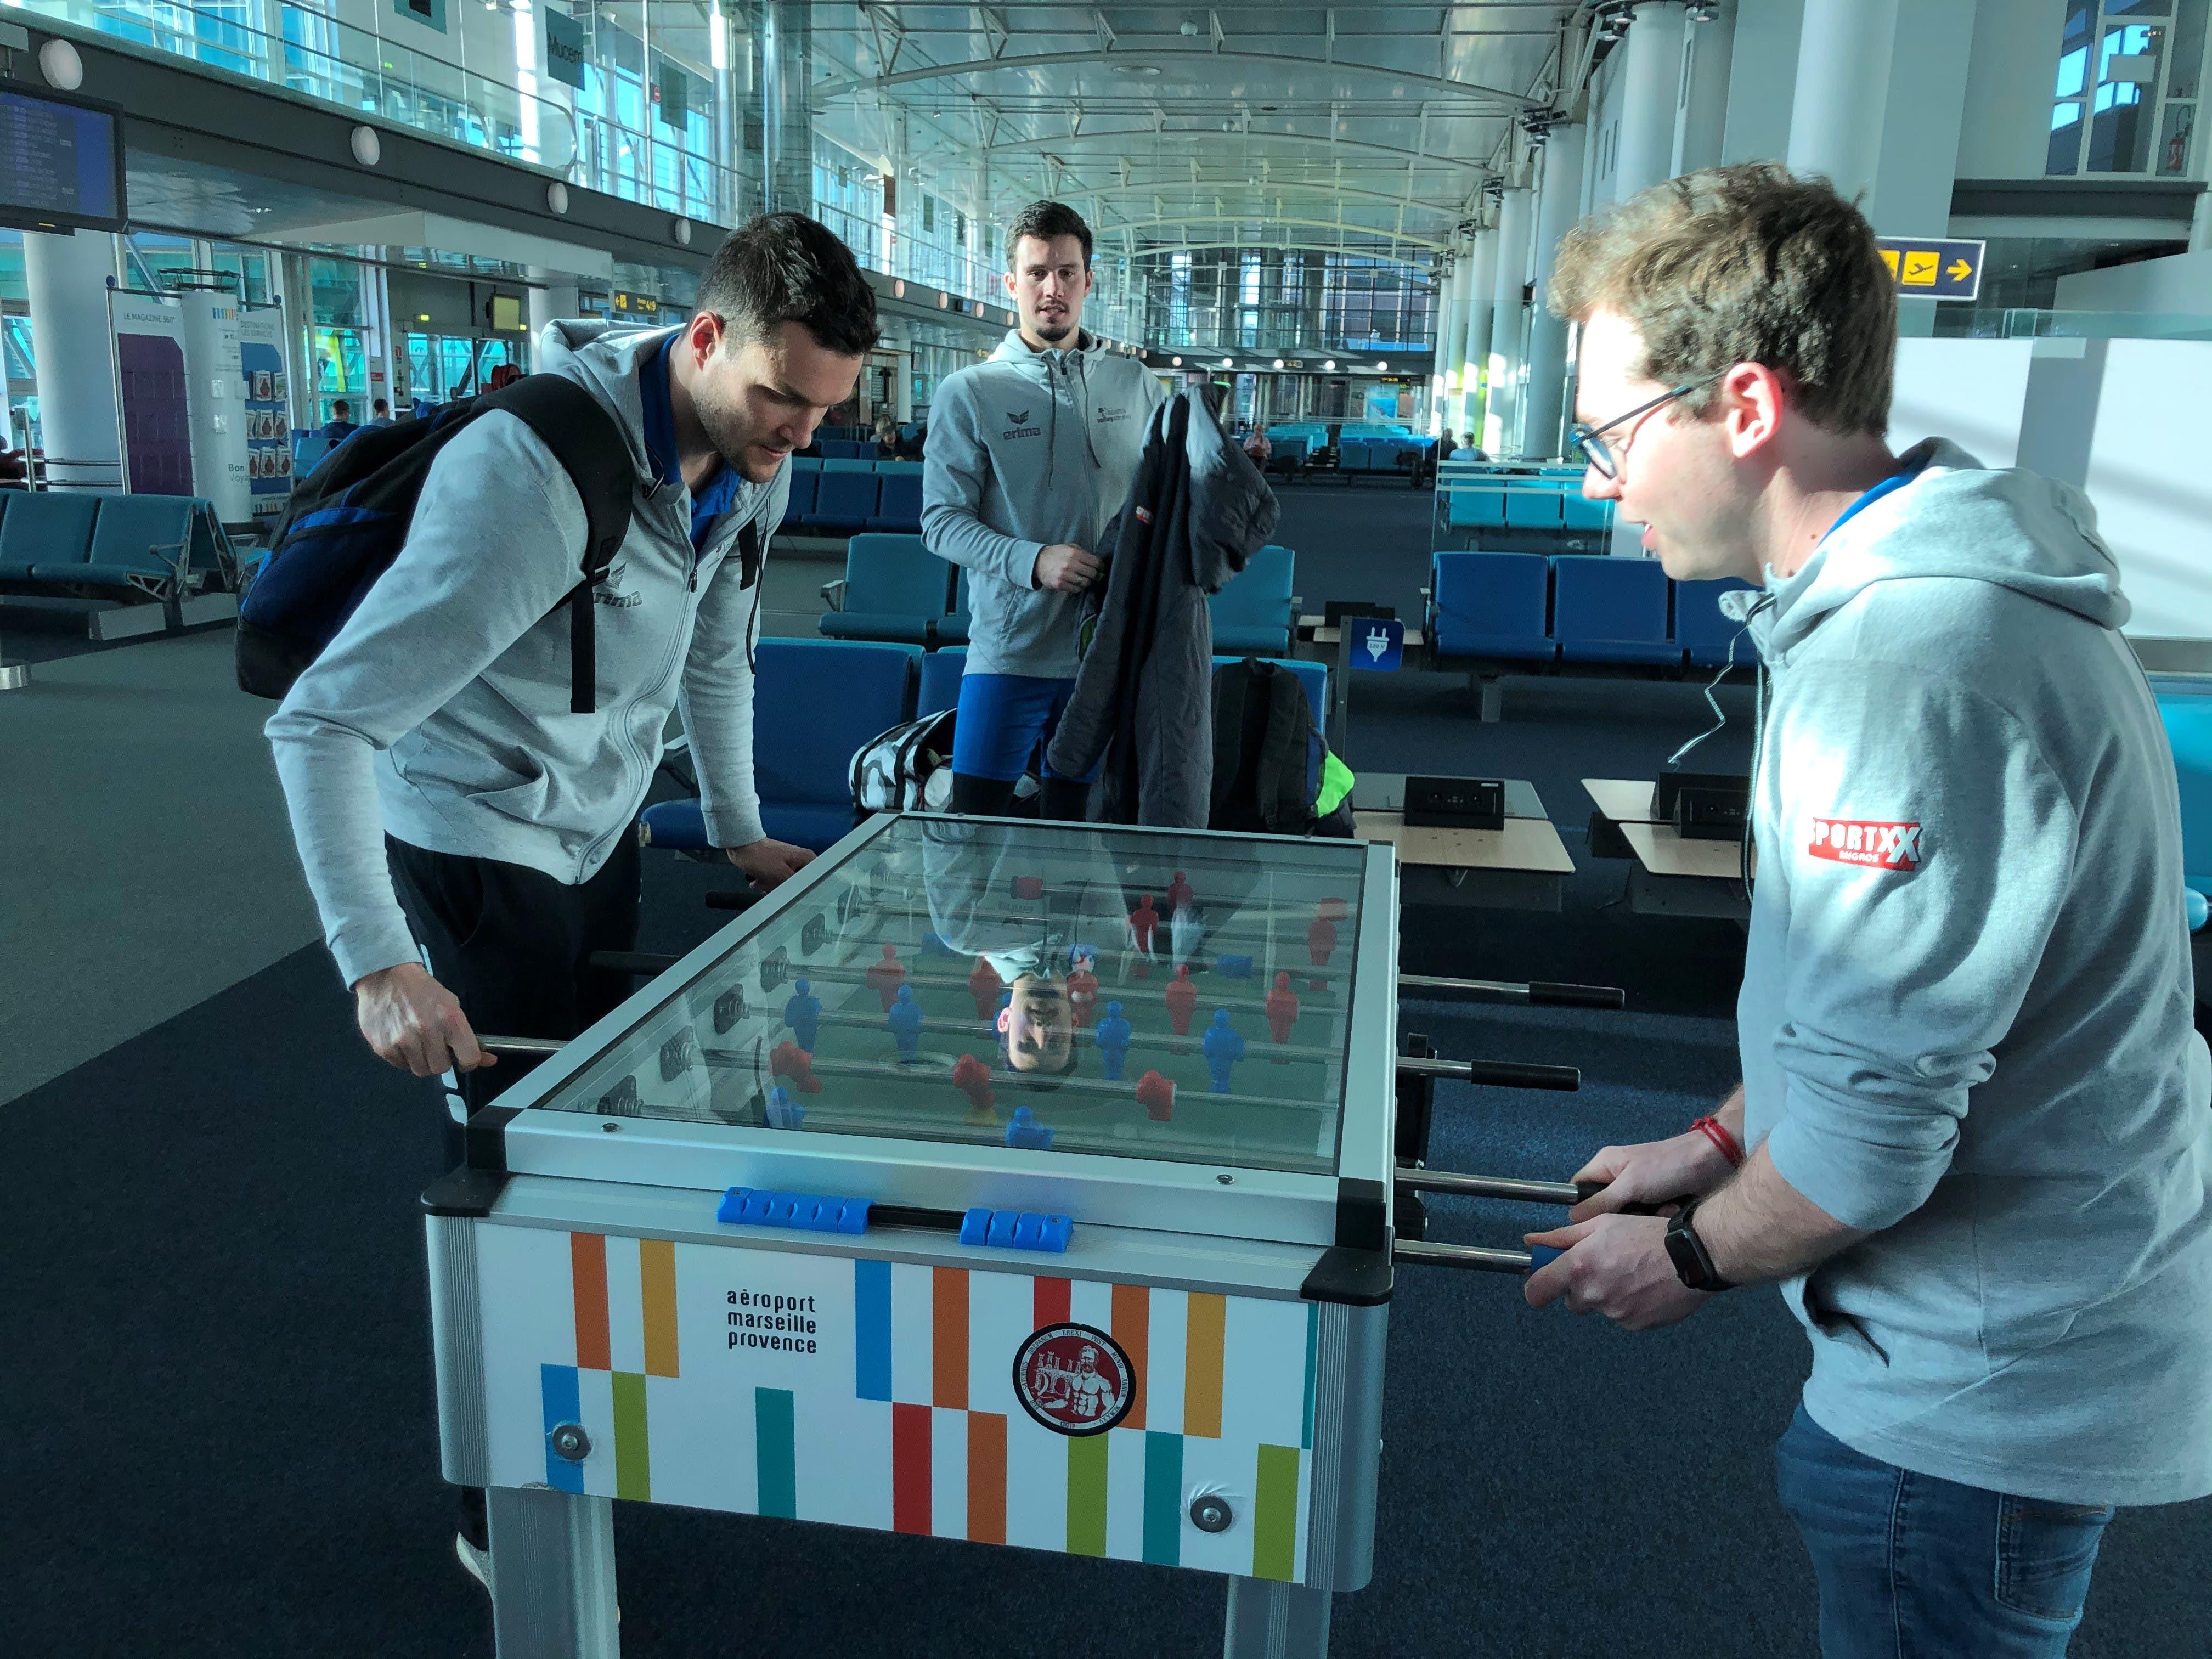 Auf dem Flug mit zwei Zwischenstopps gibt es viel Zeit totzuschlagen. Auf dem Flughafen von Marseille duellieren sich Thomas Zass (links) und Videoscout Riccardo Balsamo im Tischfussball. Jovan Djokic beobachtet das Spiel aus der Ferne.